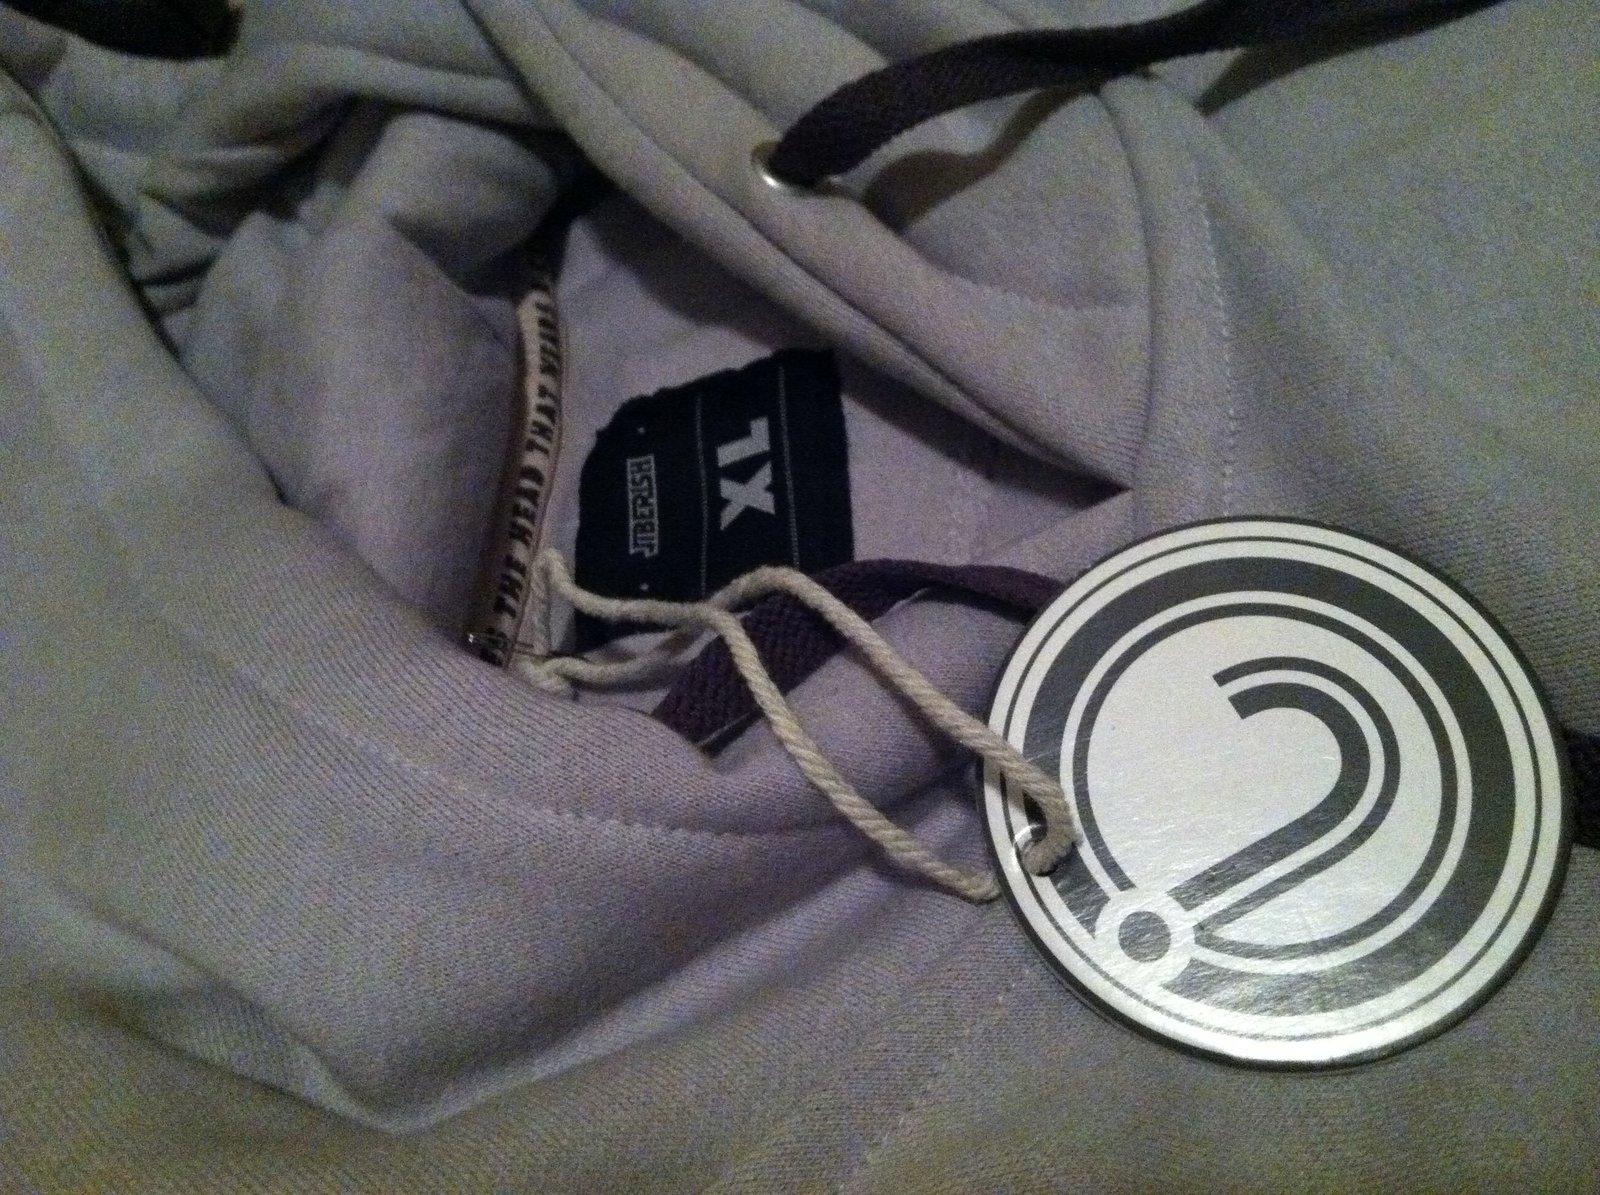 Jib gray size